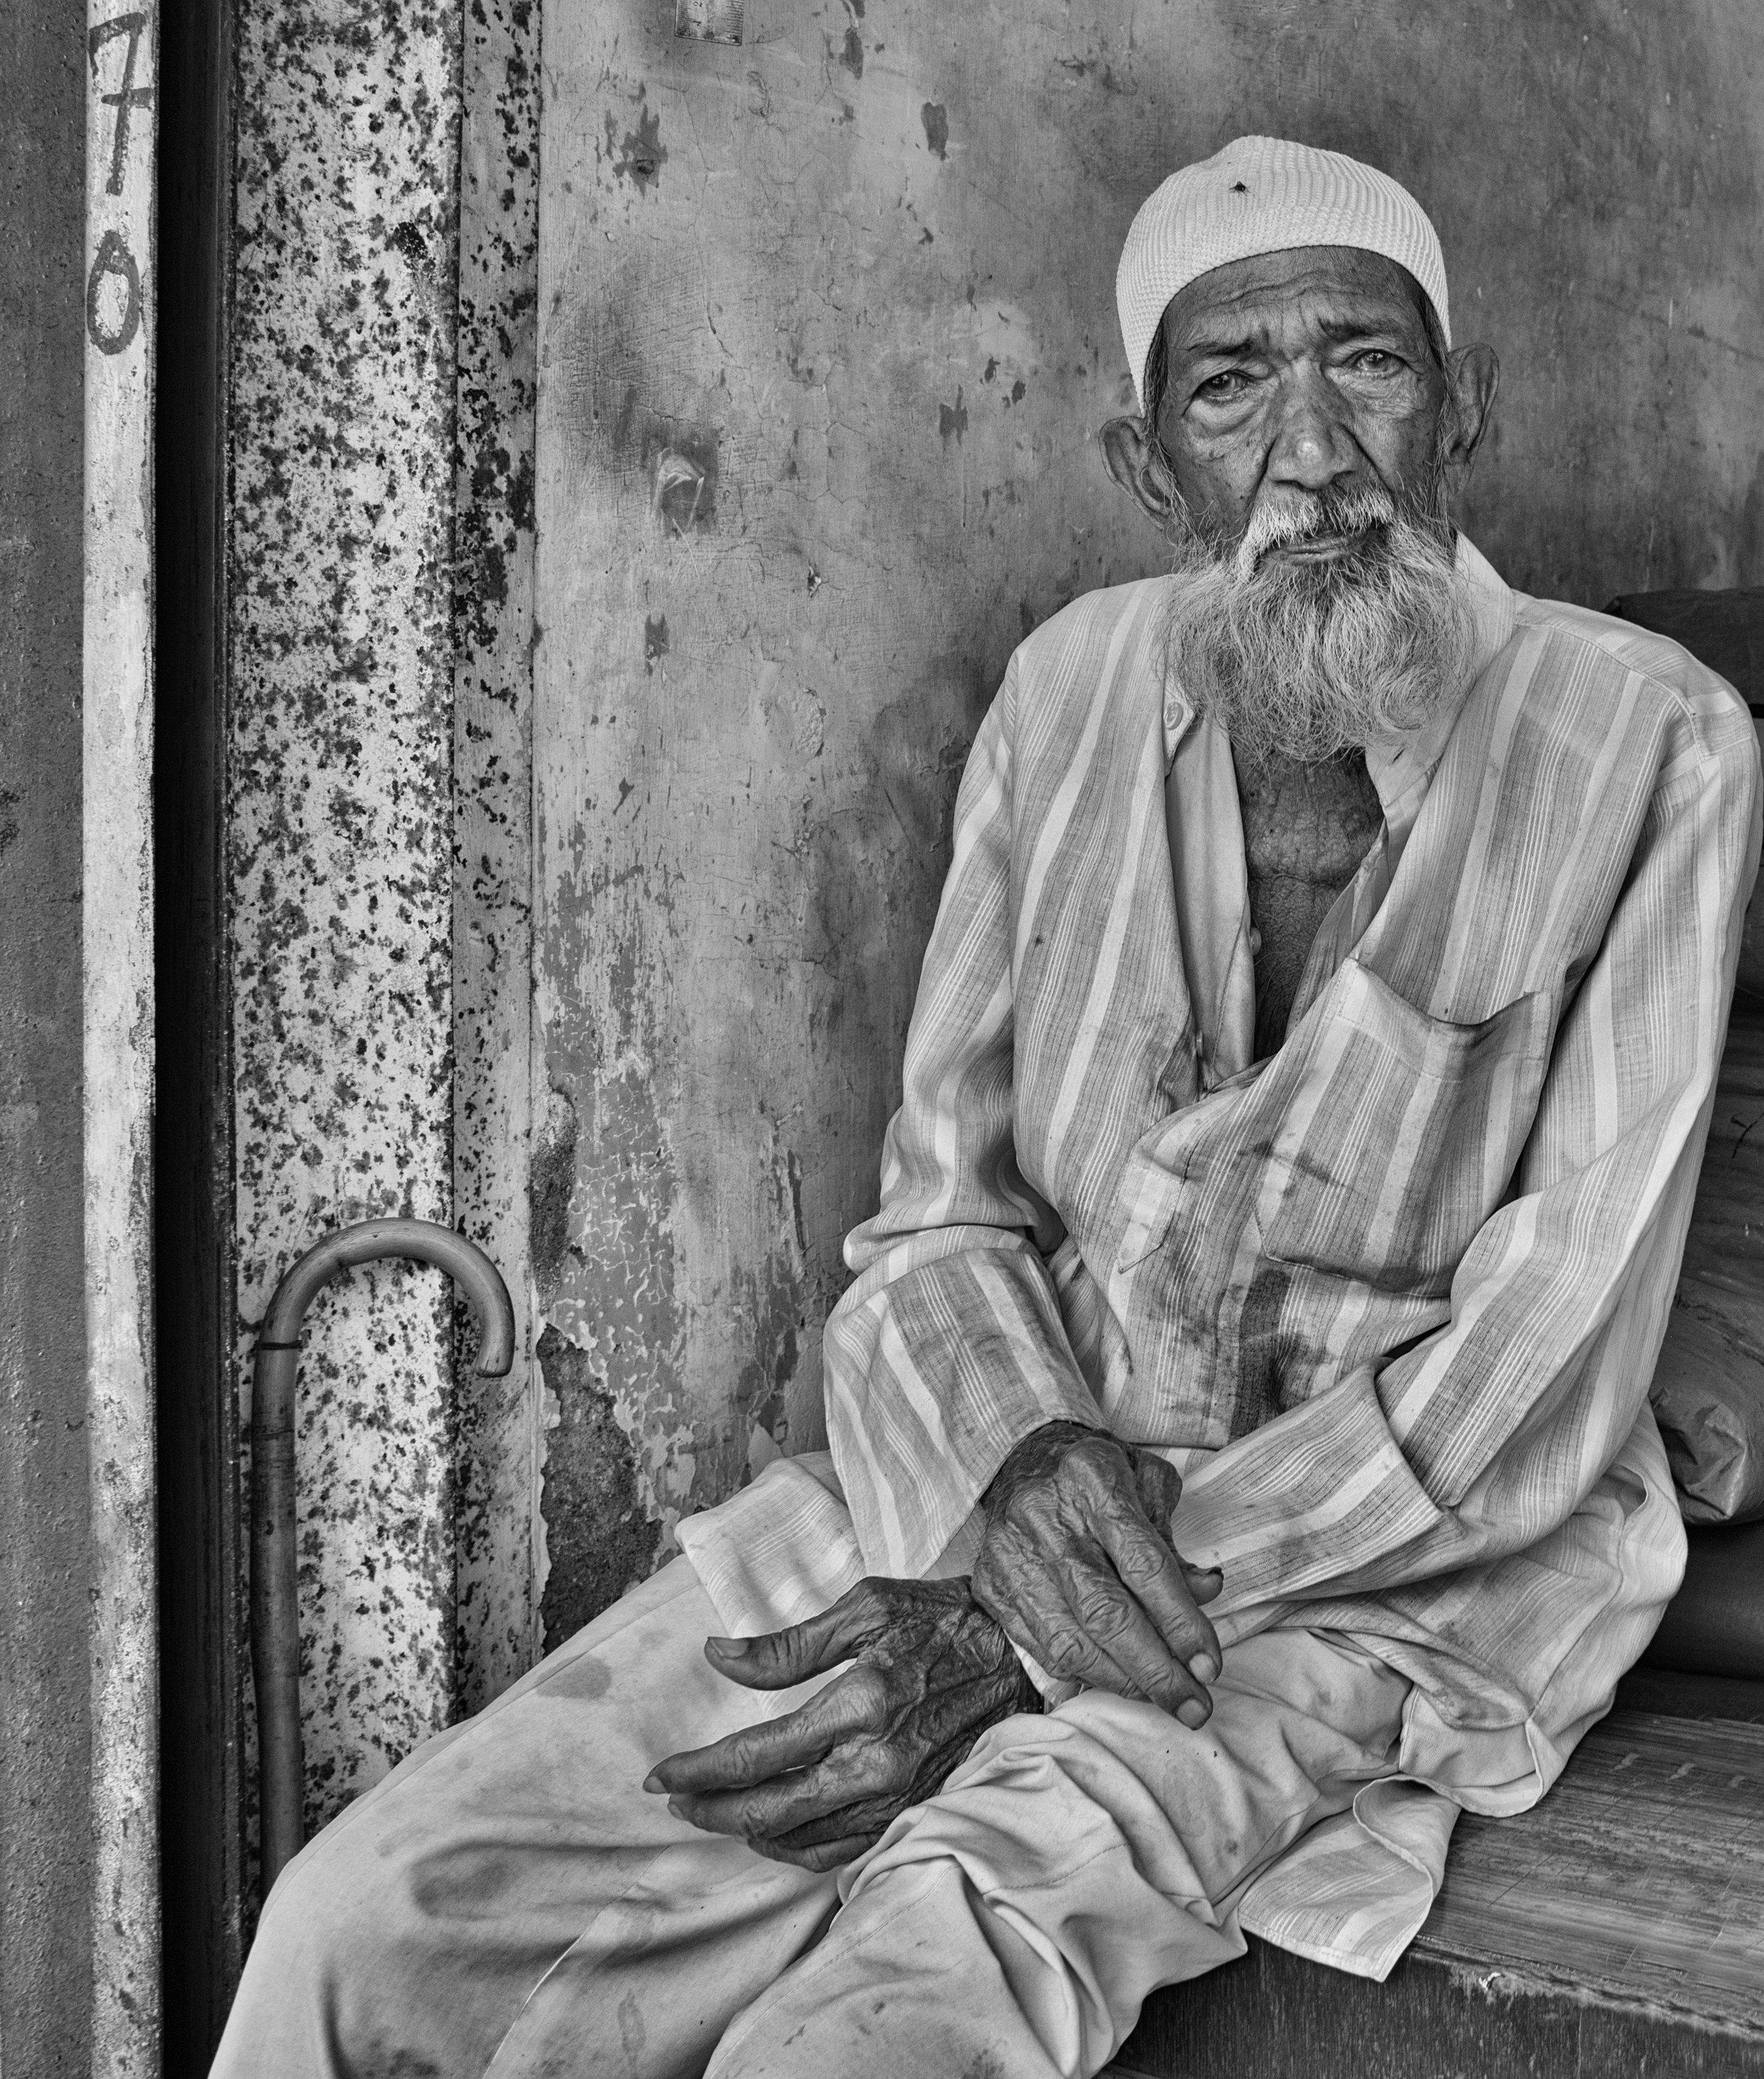 Gentleman with Cane, Mumbai